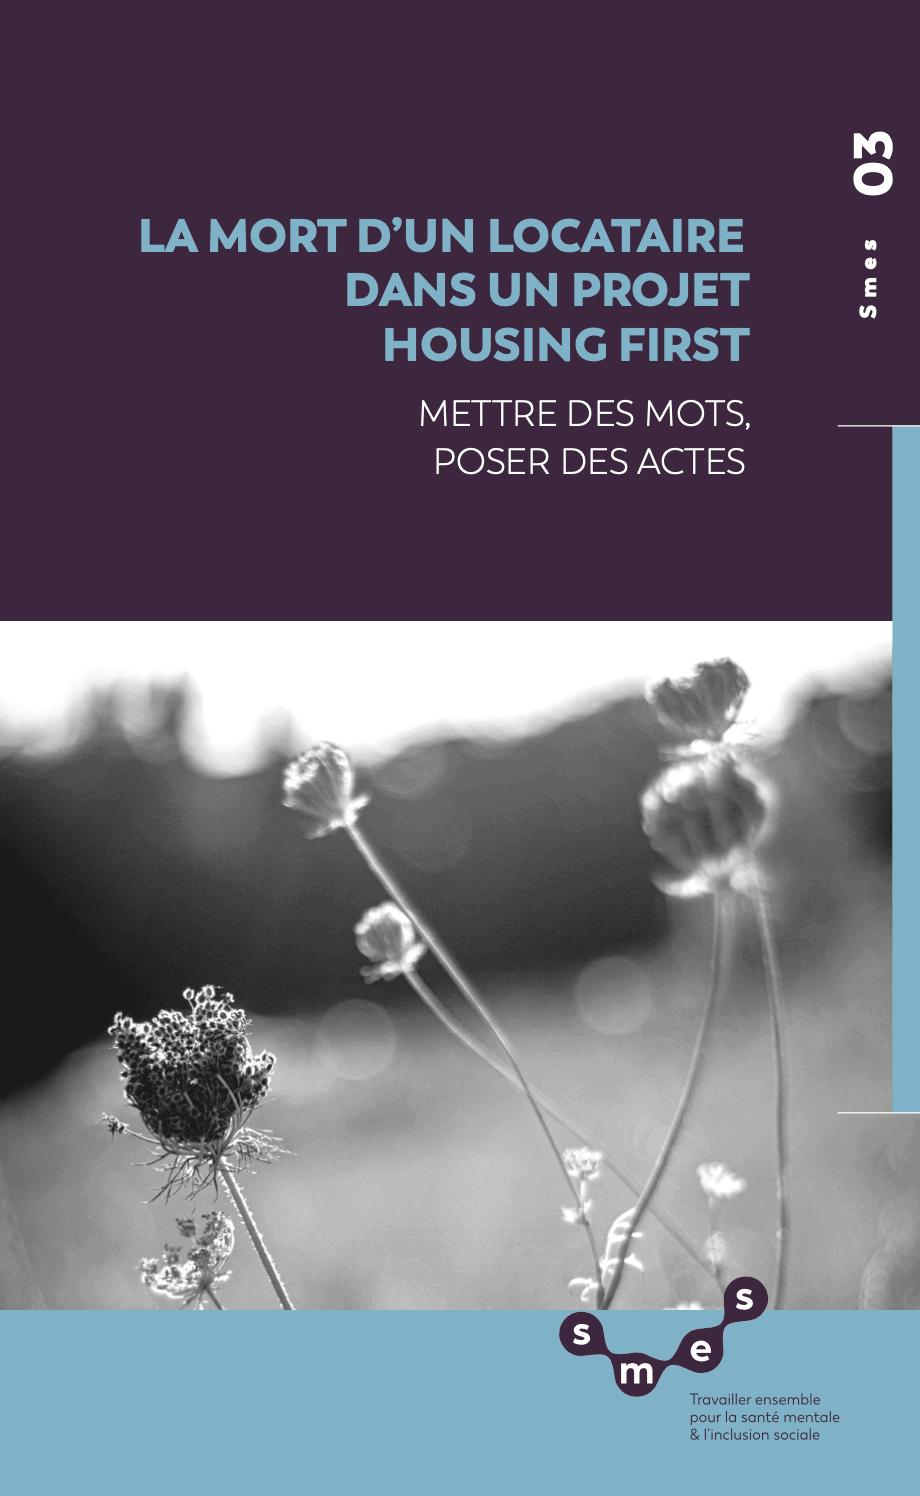 La mort d'un locataire dans un projet Housing First